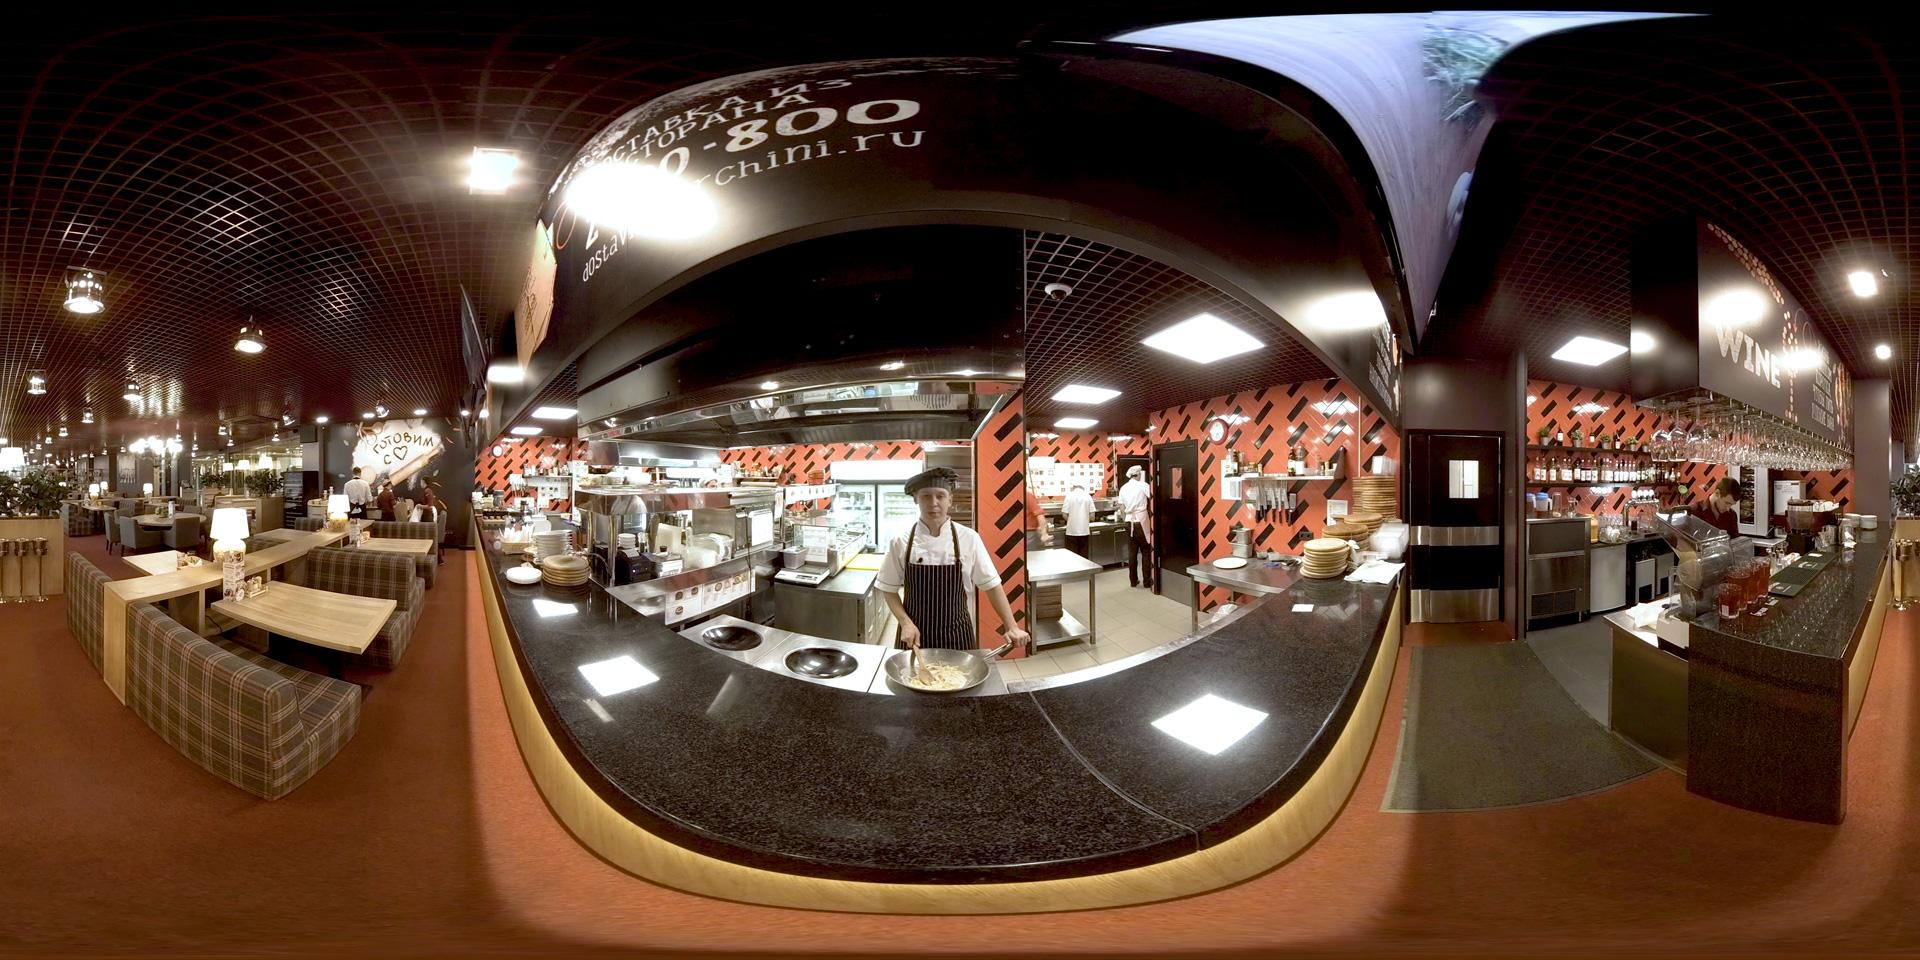 360 VR промо-ролик на выставку франшиз для сети ресторанов Перчини. В нем представлена атмосфера заведения и нюансы обслуживания